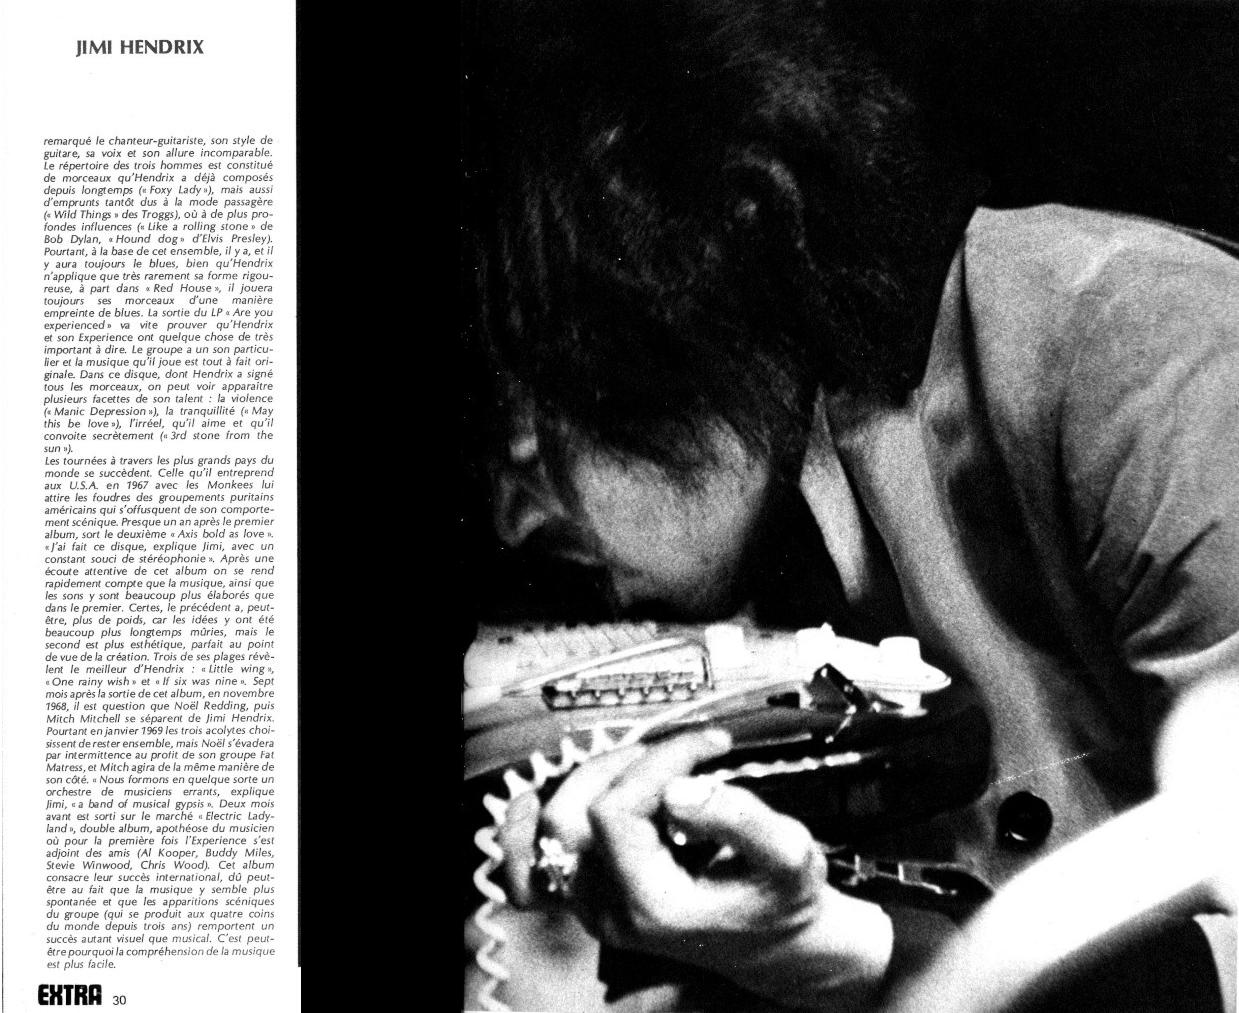 Jimi Hendrix dans la presse musicale française des années 60, 70 & 80 - Page 2 762105Extra